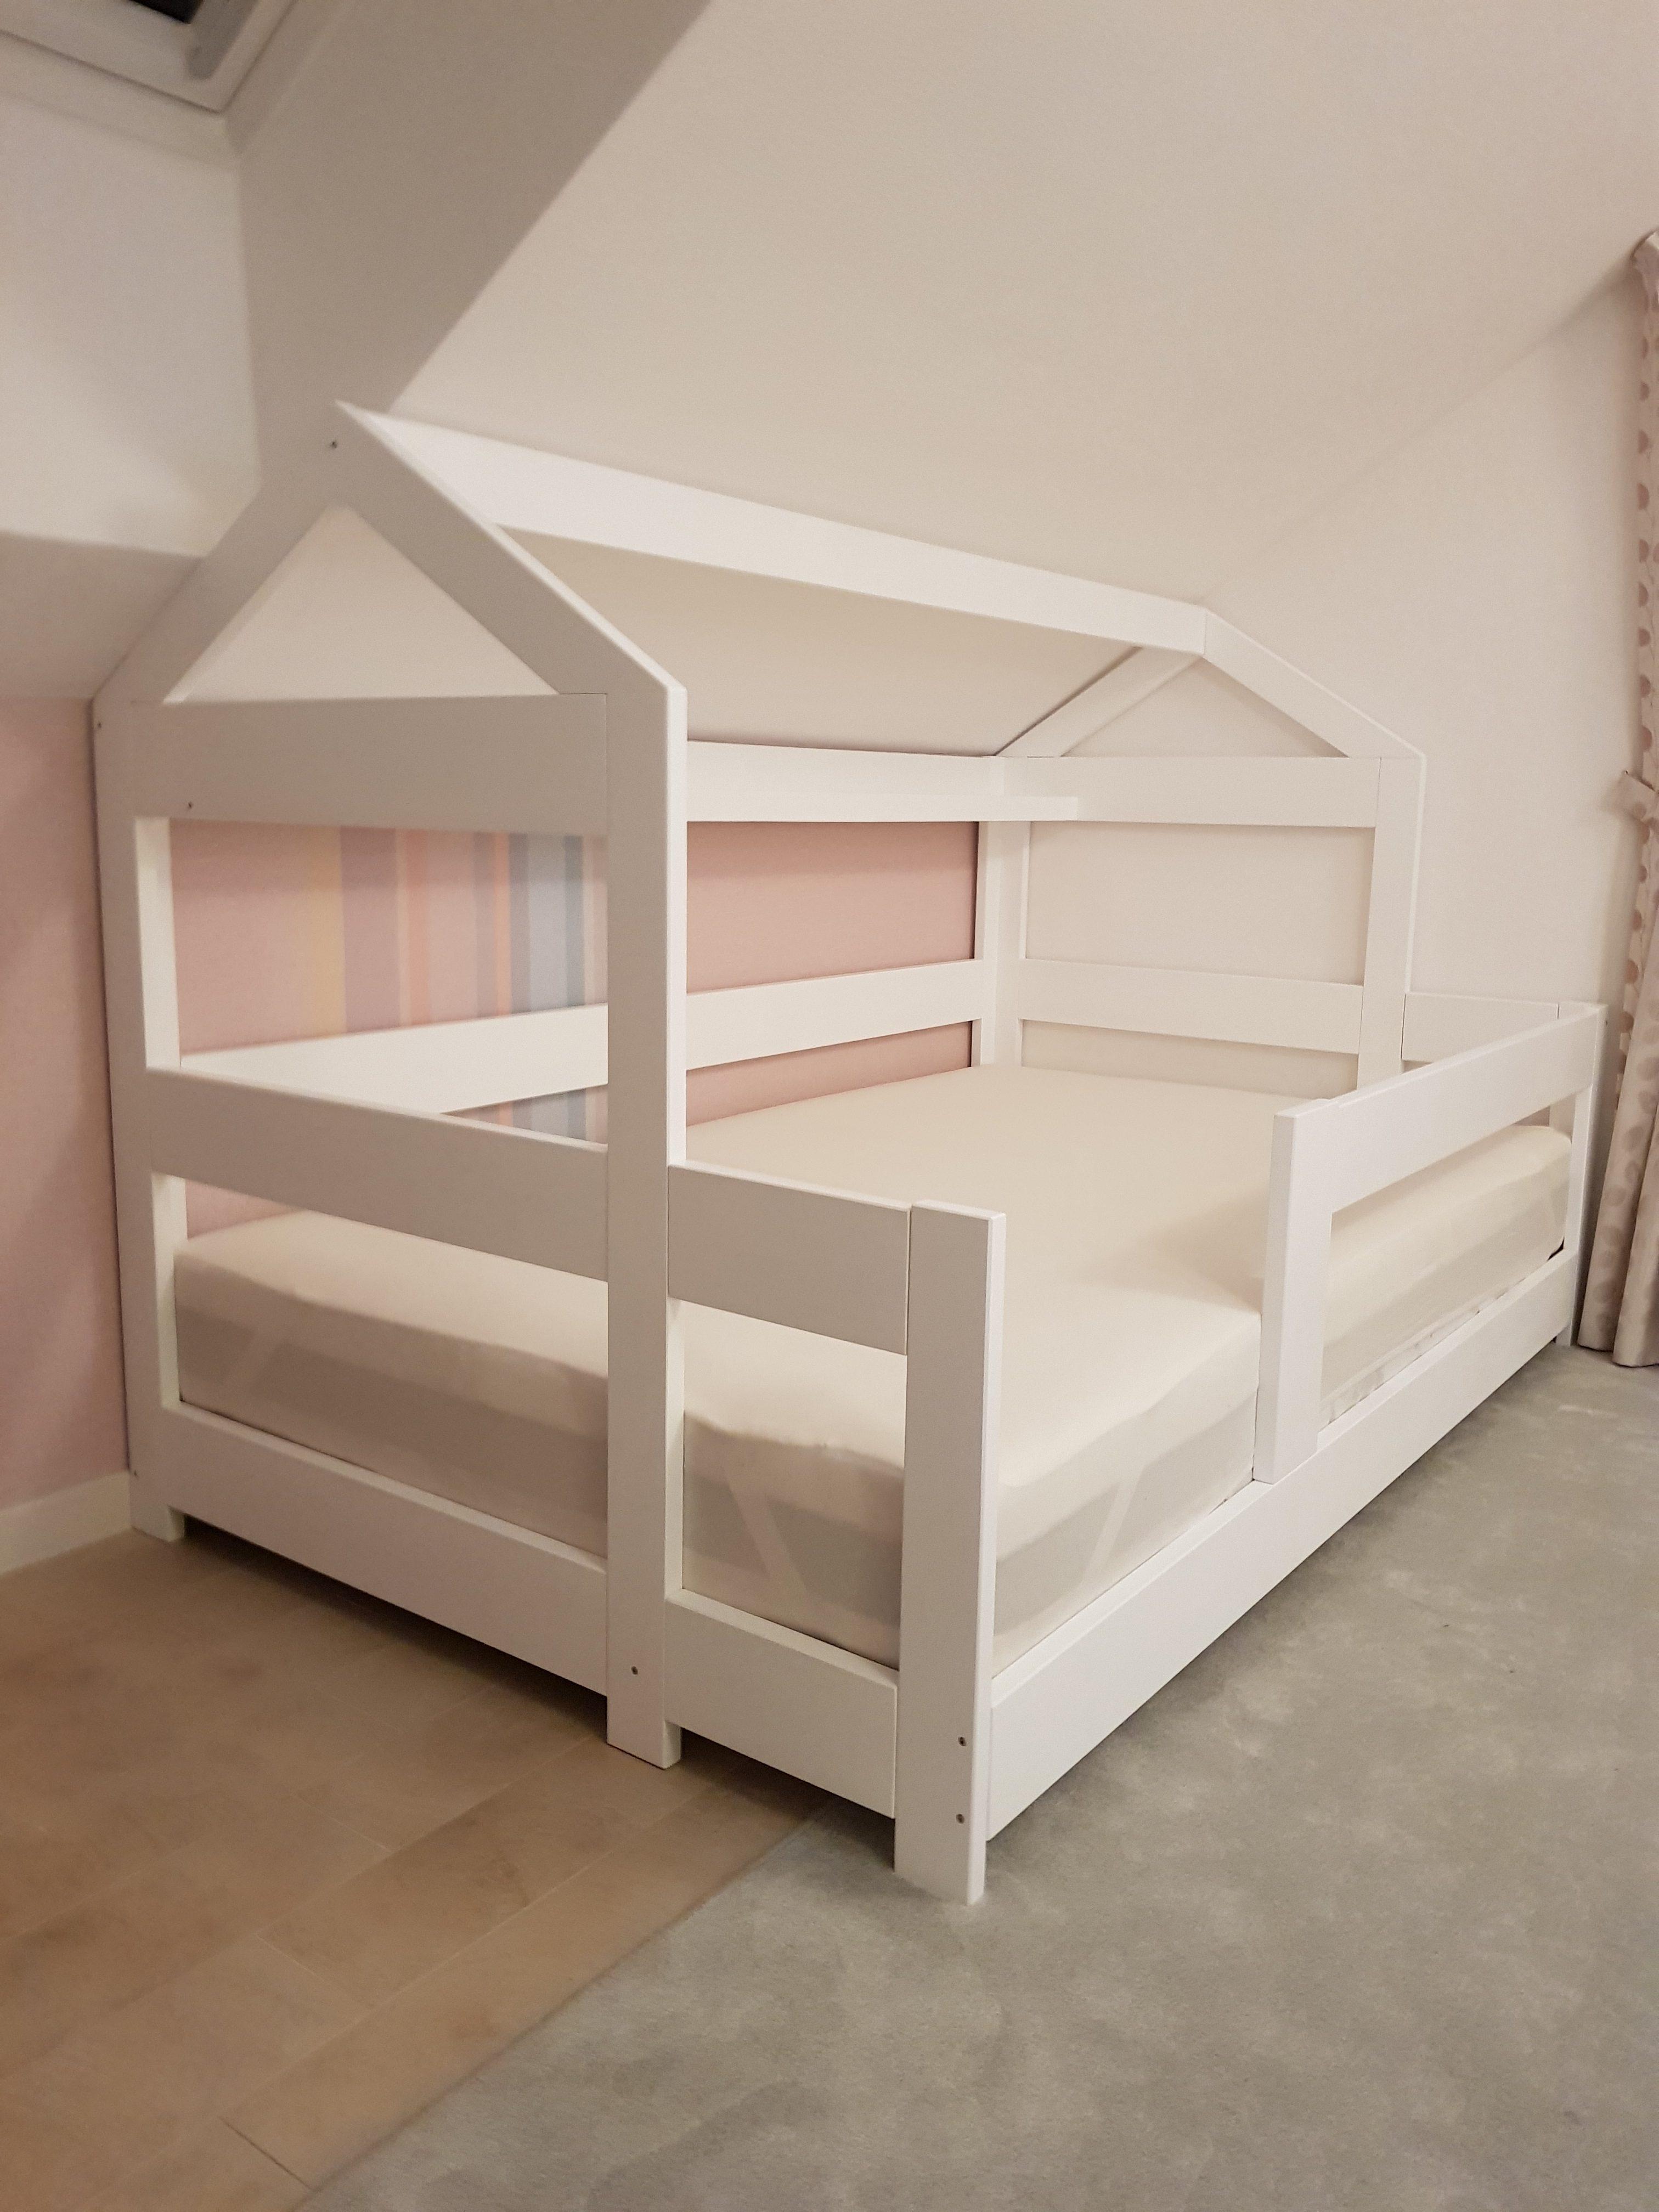 Domčeková posteľ so šmýkačkou Image